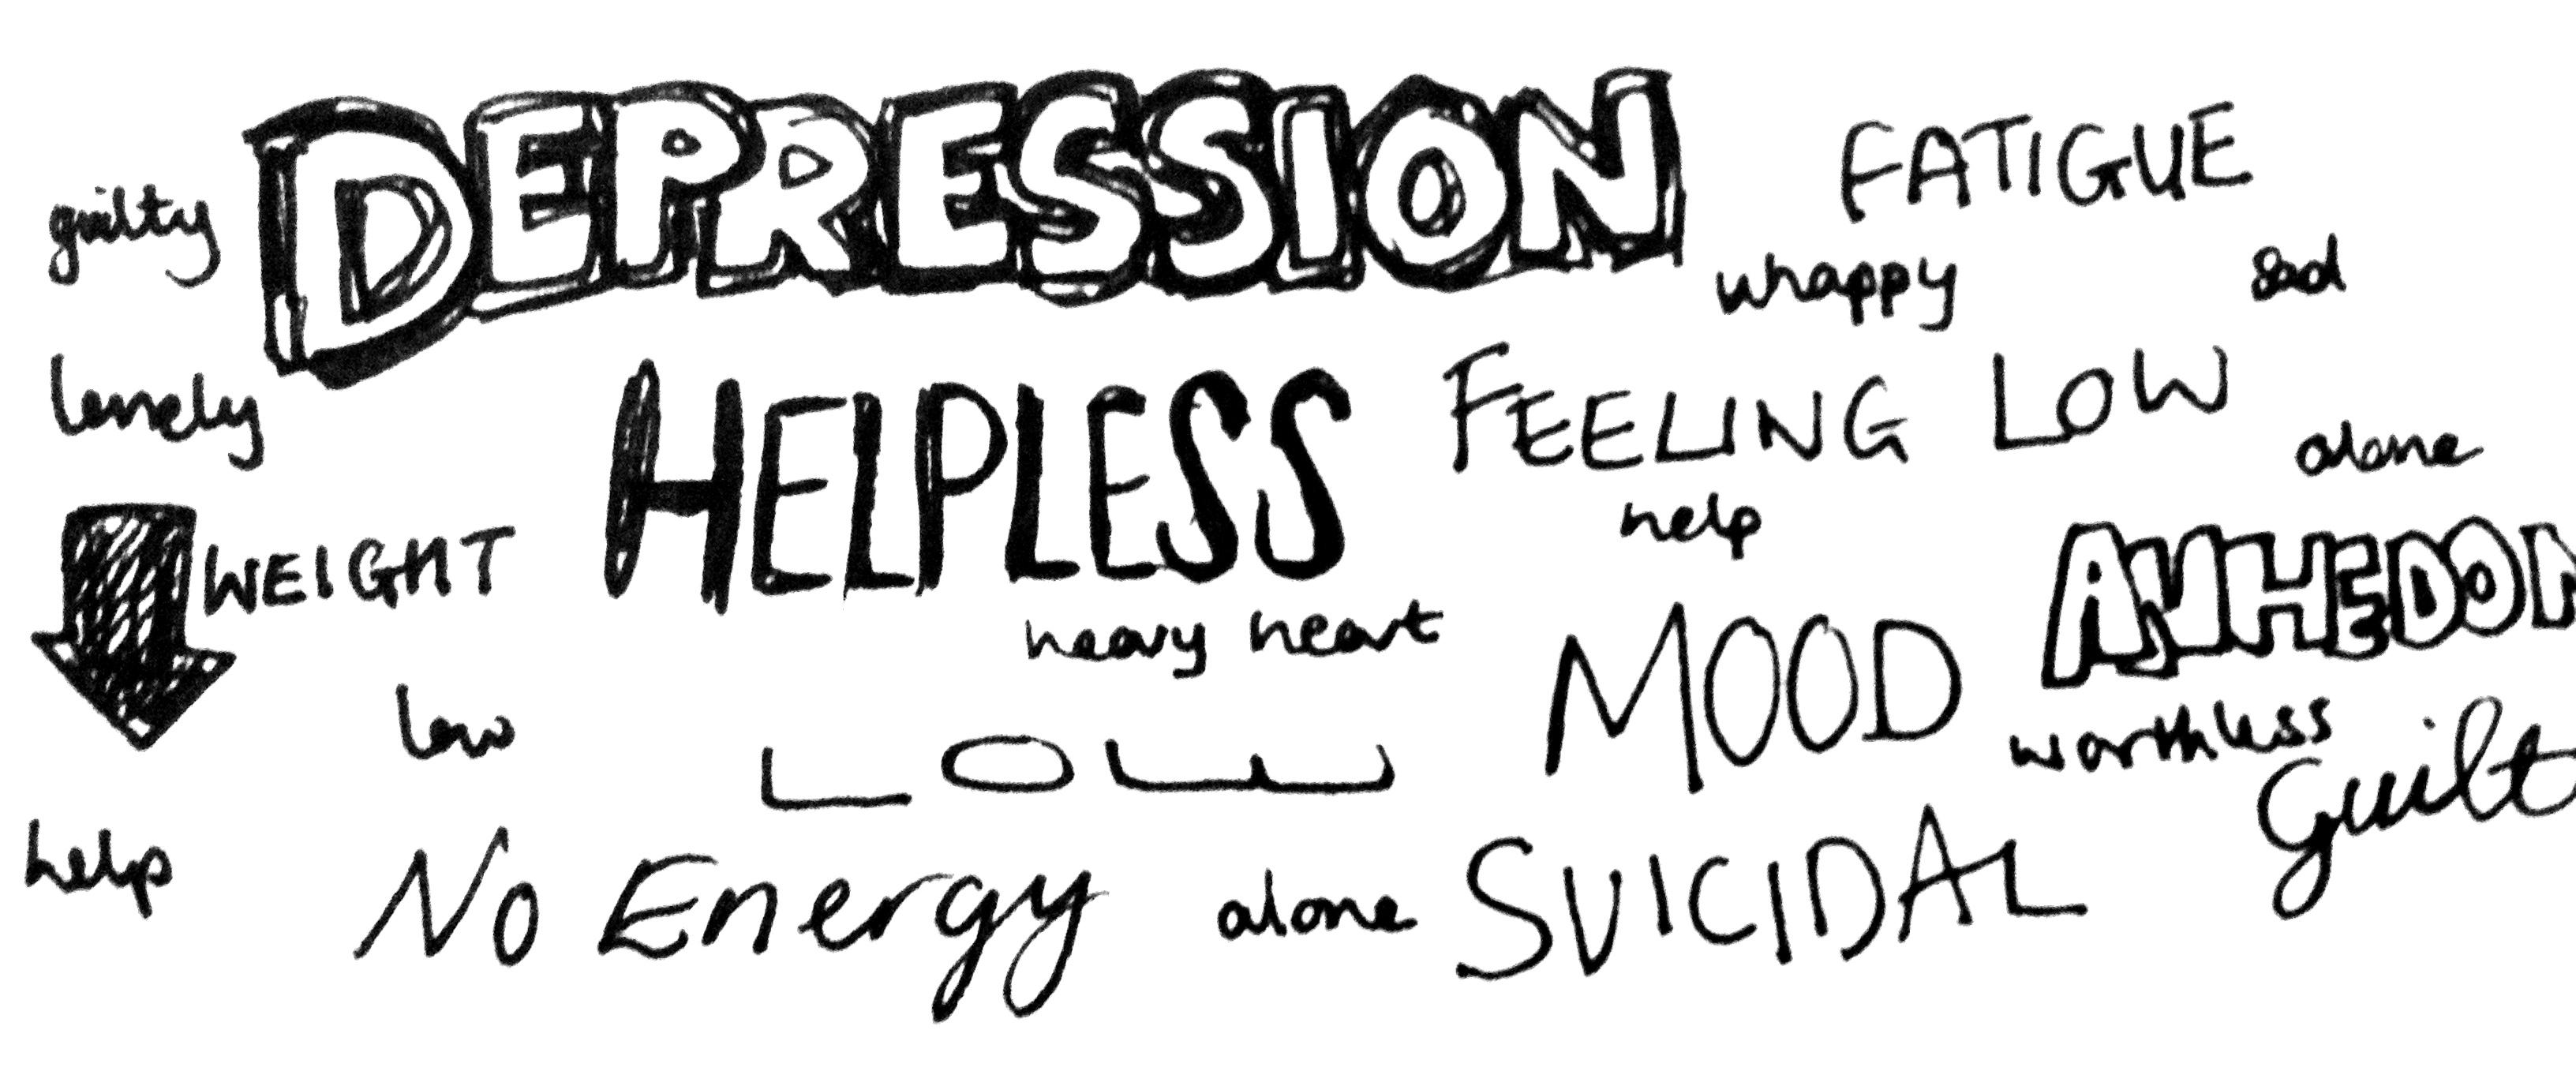 Case 9: Managing depression